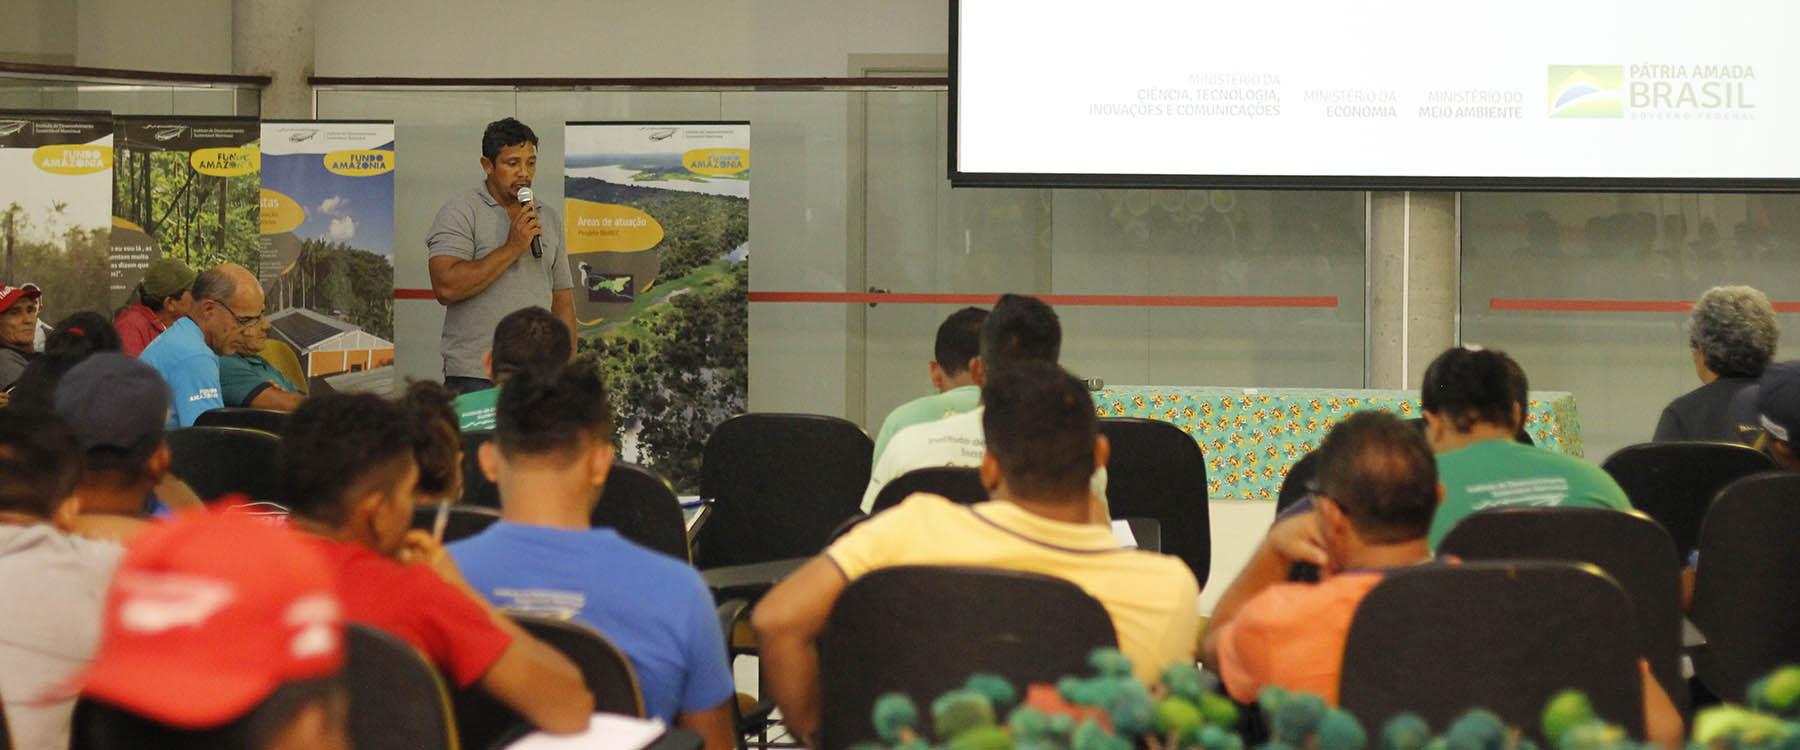 Instituto Mamirauá realiza seminário final de projeto financiado pelo Fundo Amazônia